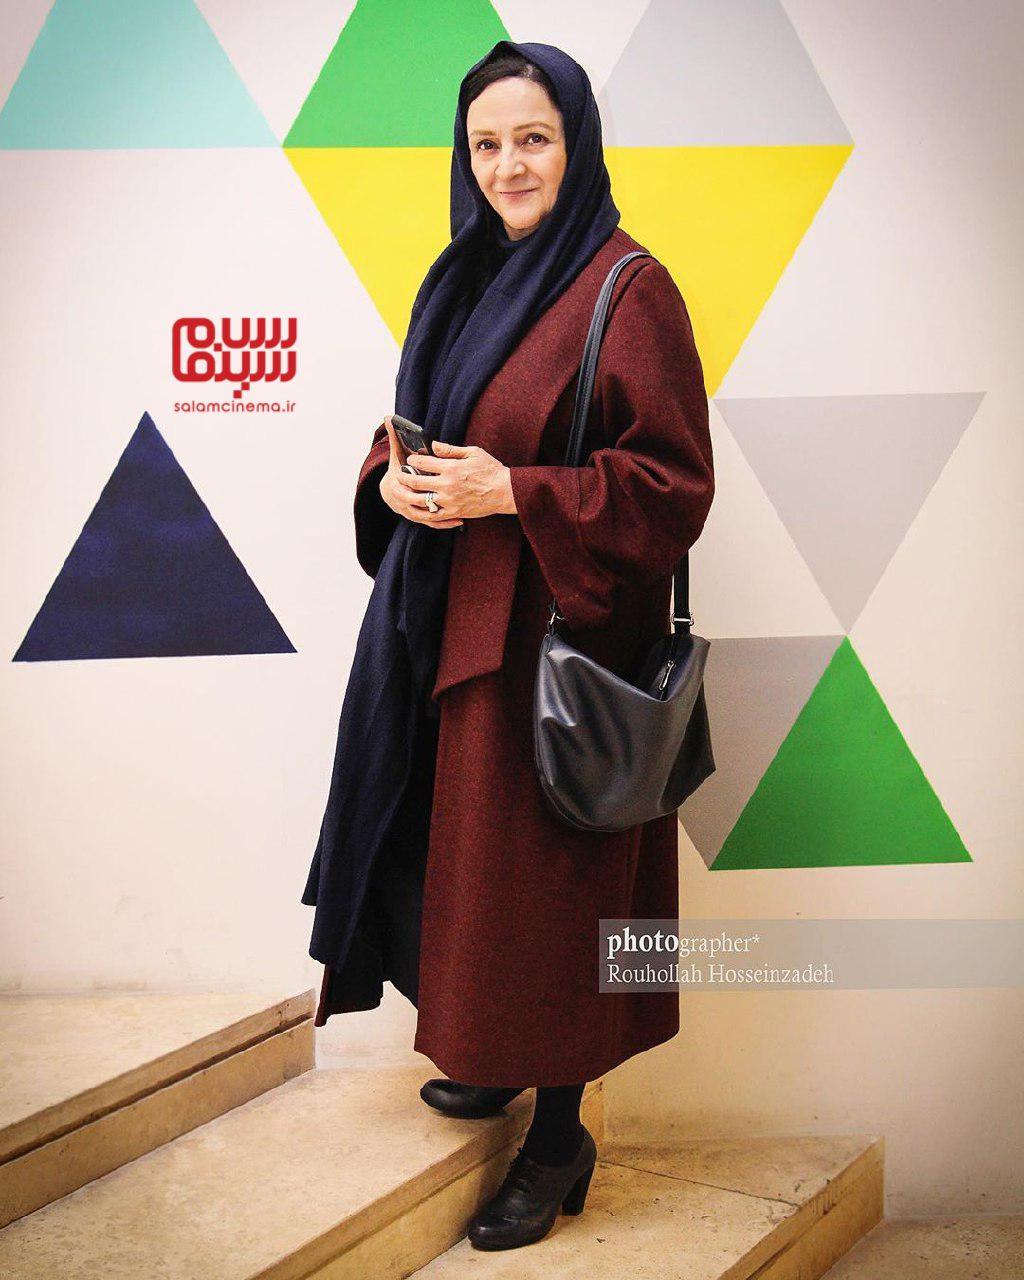 گلاب آدینه - اکران خصوصی فیلم «خداحافظ دختر شیرازی»-گزارش تصویری